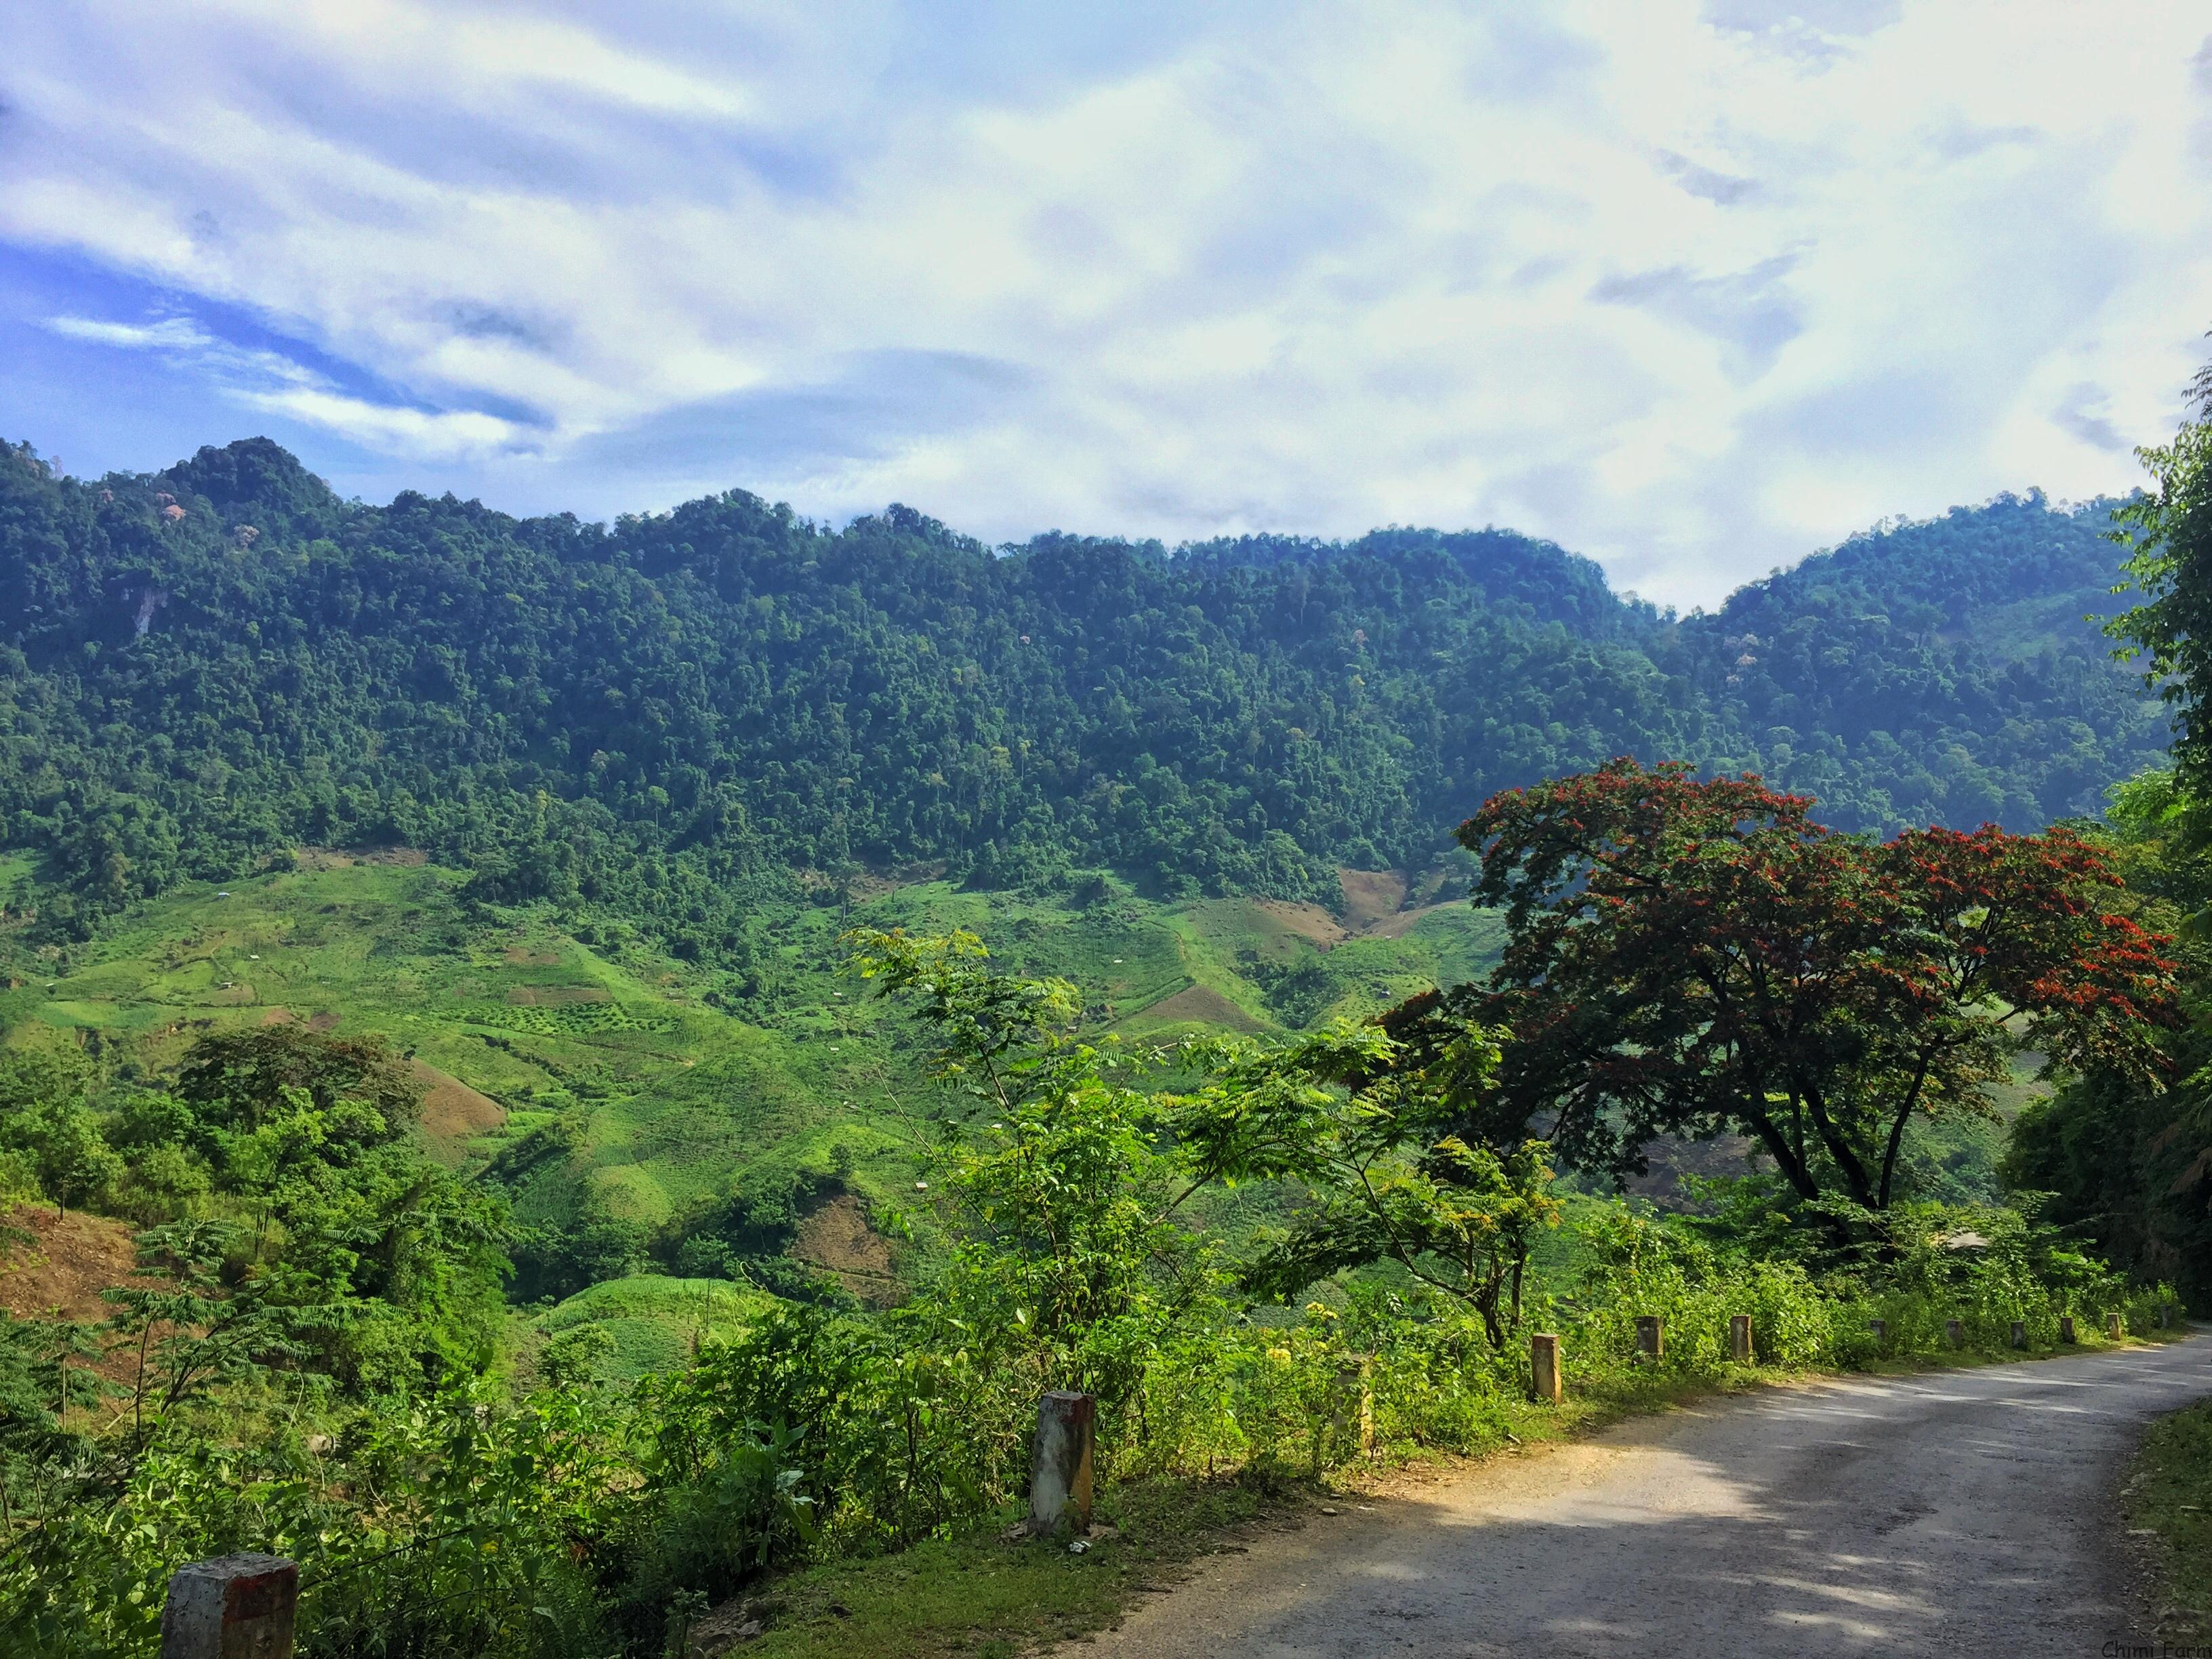 Đường đi đến thác Chiềng Khoa với nhiều cảnh thiên nhiên đẹp